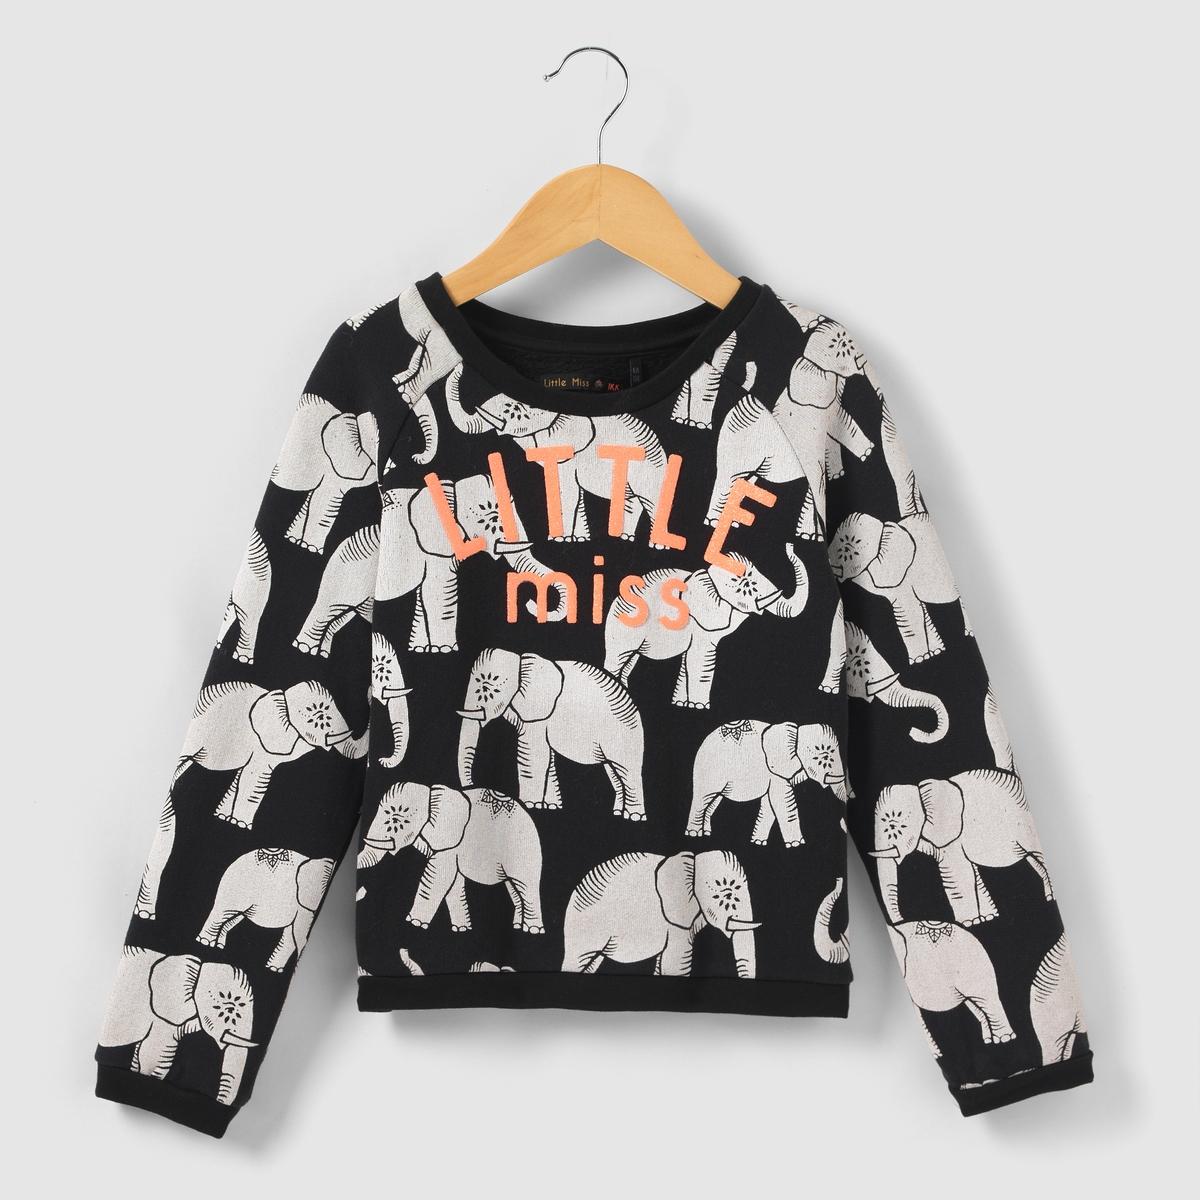 Свитшот с рисунком слонята, 3-14 летСвитшот с длинными рукавами и рисунком слонята белого цвета. Ворсистая надпись с пайетками LITTLE miss спереди. Свободный круглый вырез. Края связаны в мелкий рубчик.Состав и описание : Материал       мольтон, 100% хлопокМарка       IKKS Junior  Уход :Машинная стирка при 30 °C с вещами схожих цветов.Стирать и гладить с изнаночной стороны.Машинная сушка в умеренном режиме.Гладить при умеренной температуре.<br><br>Цвет: черный наб. рисунок<br>Размер: 5 лет - 108 см